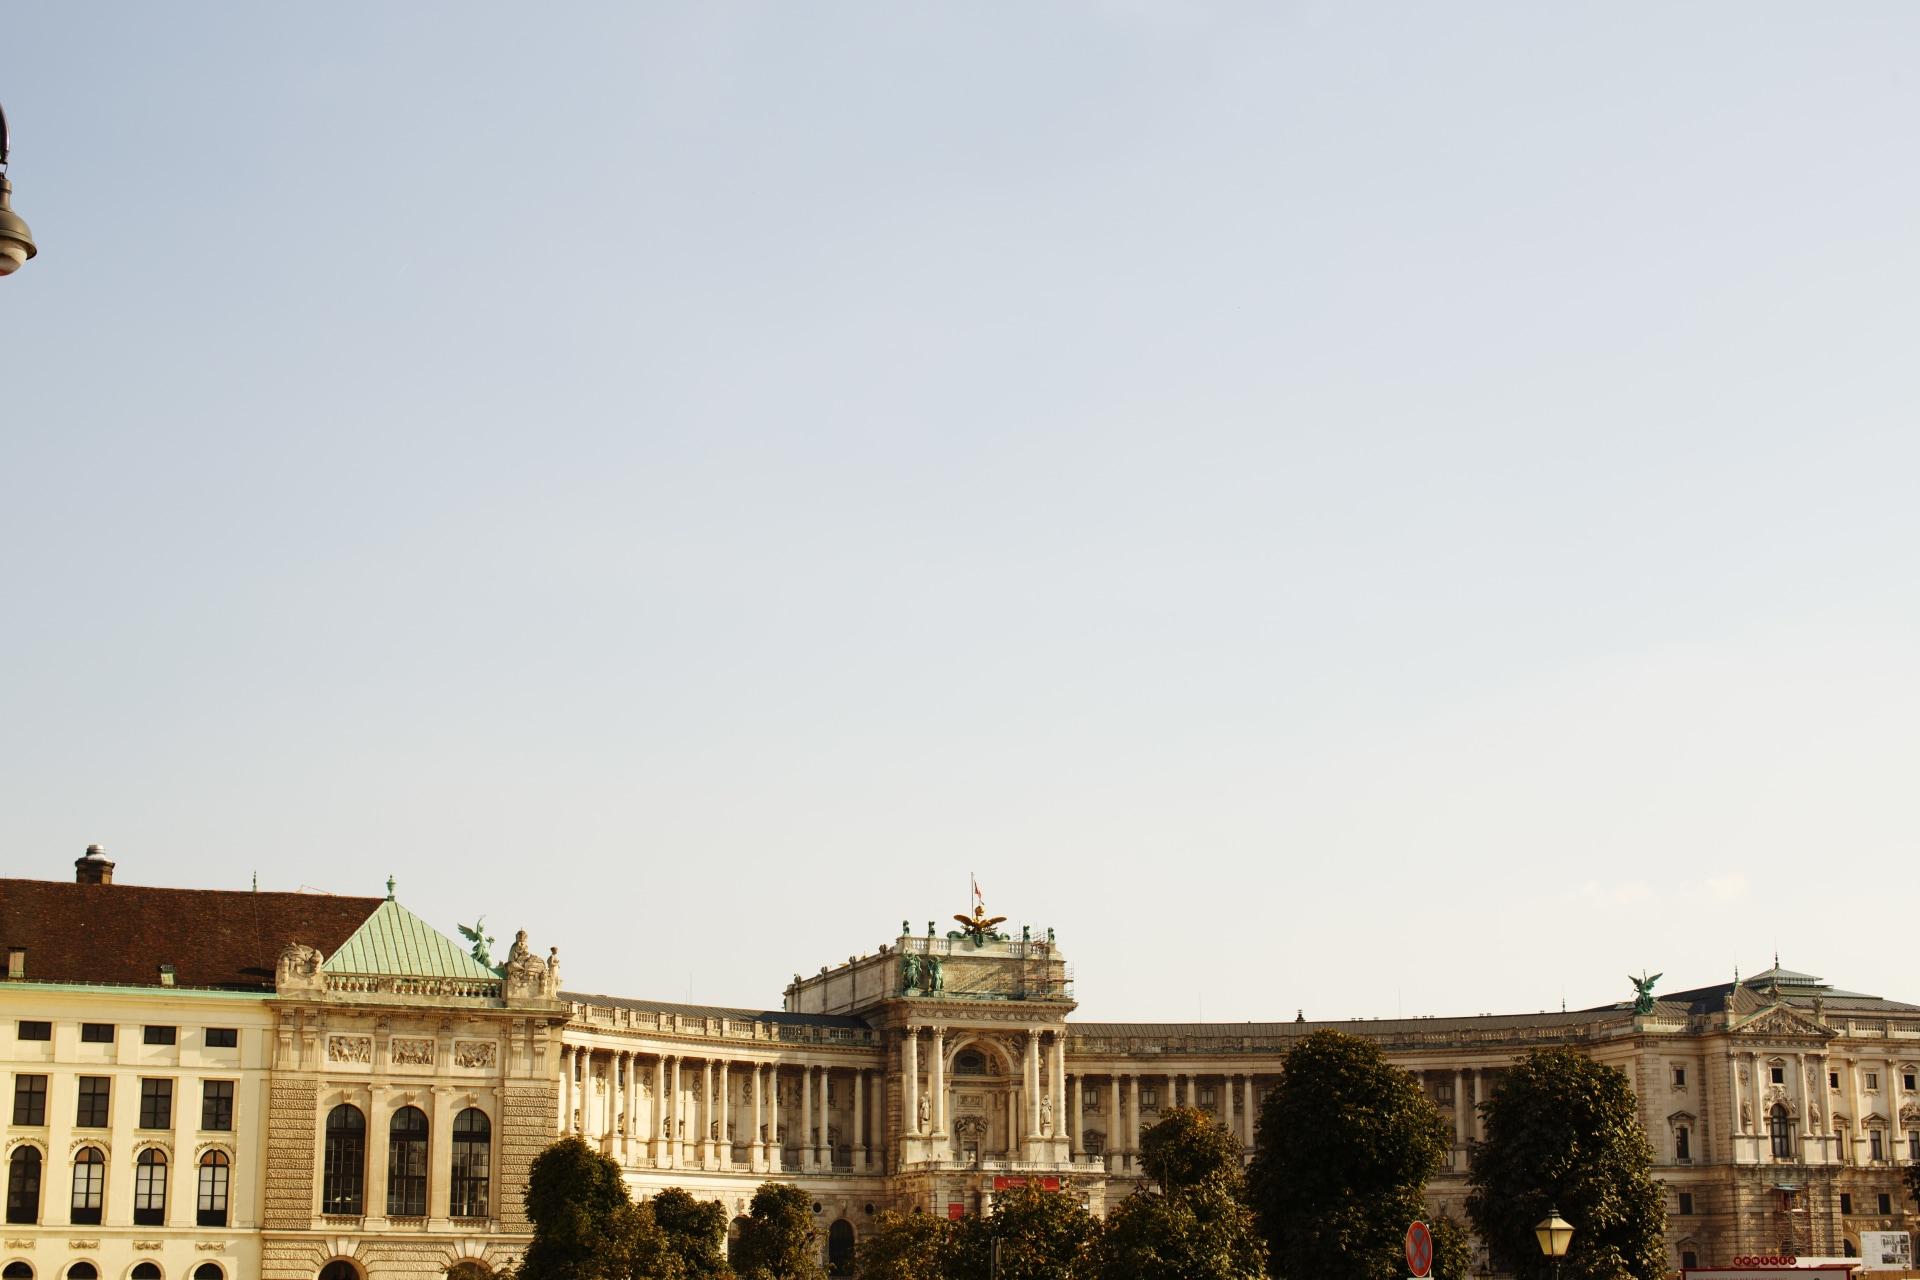 Wien, 2016, Copyright www.peterrigaud.com